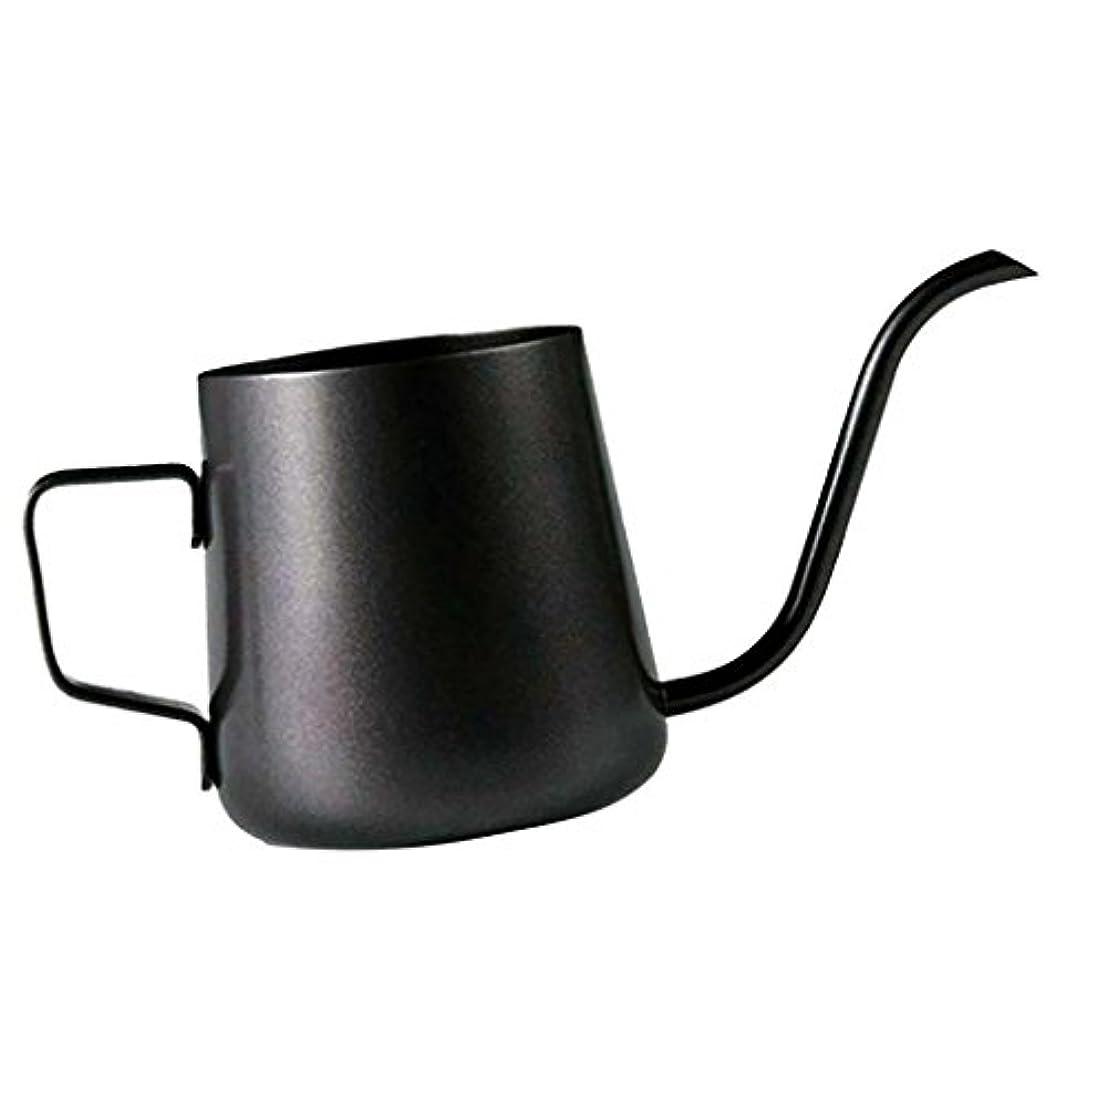 不一致傀儡地上のHomeland コーヒーポット お茶などにも対応 クッキング用品 ステンレス製 エスプレッソポット ケトル - ブラック, 250ミリリットル